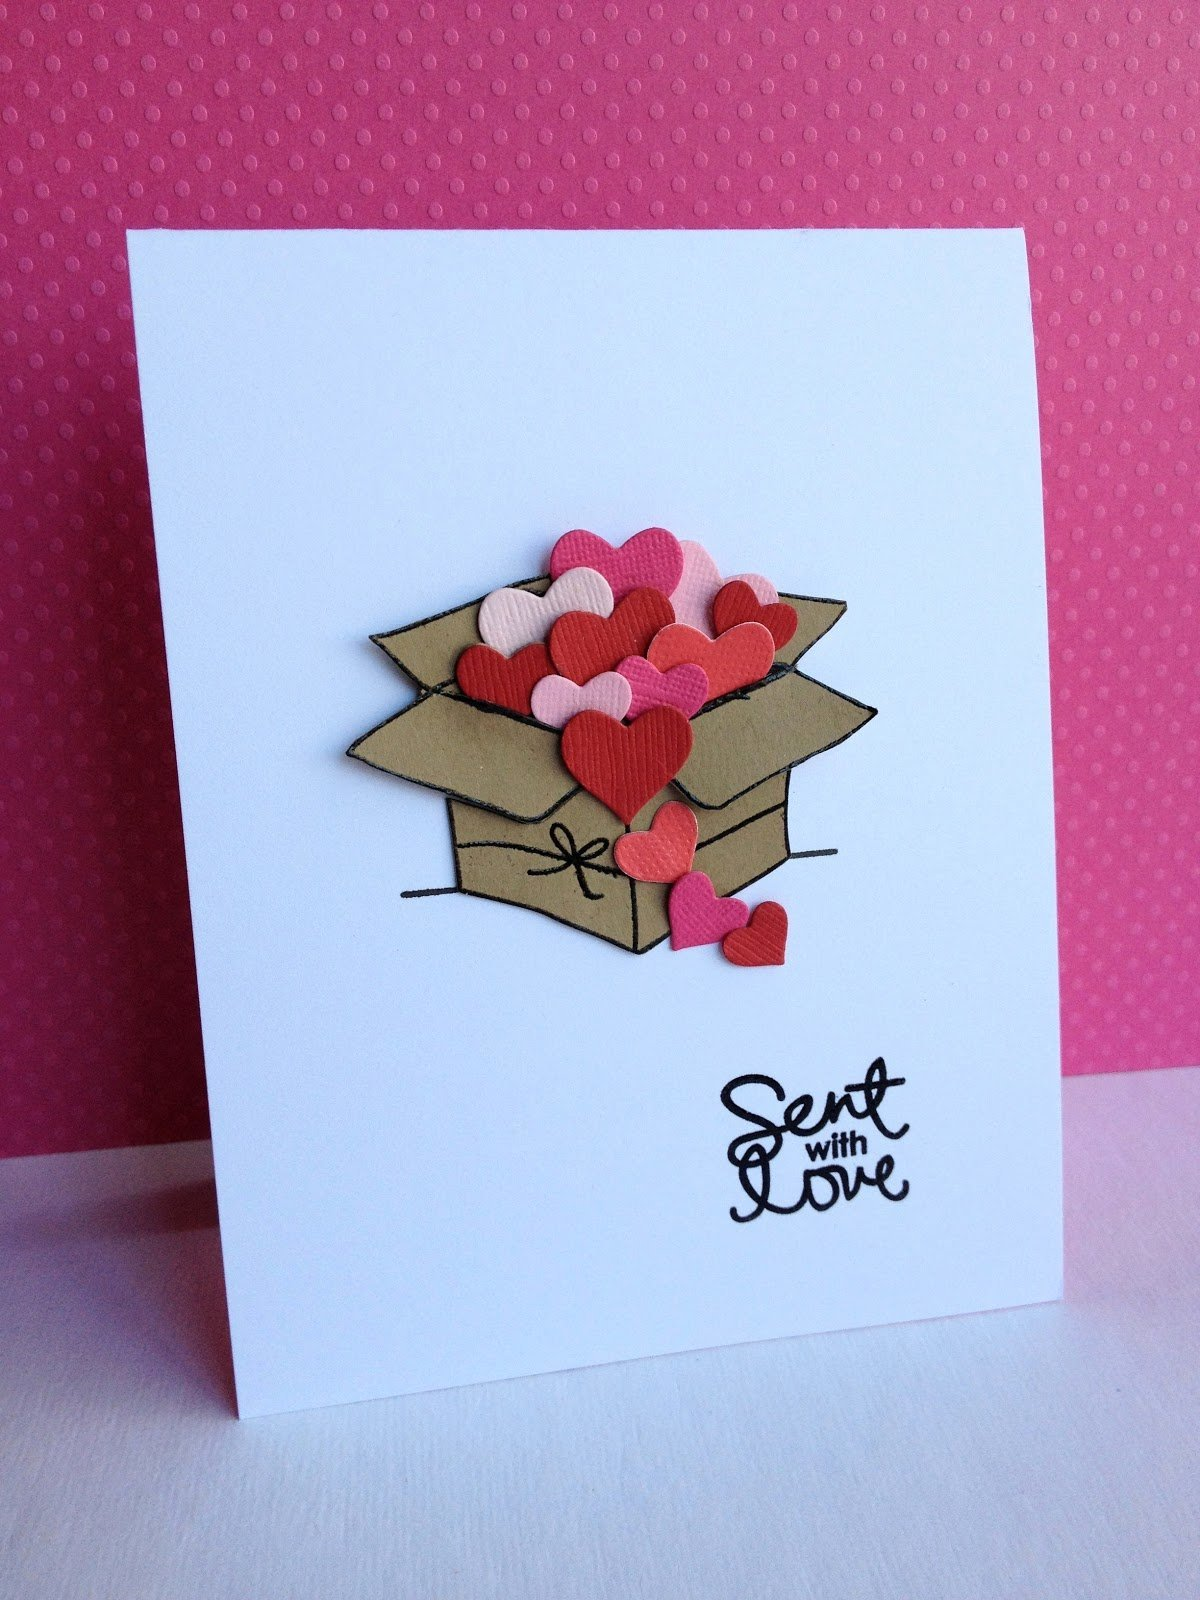 Картинки парижа, как сделать красивую открытку на день рождения подруге 14 лет